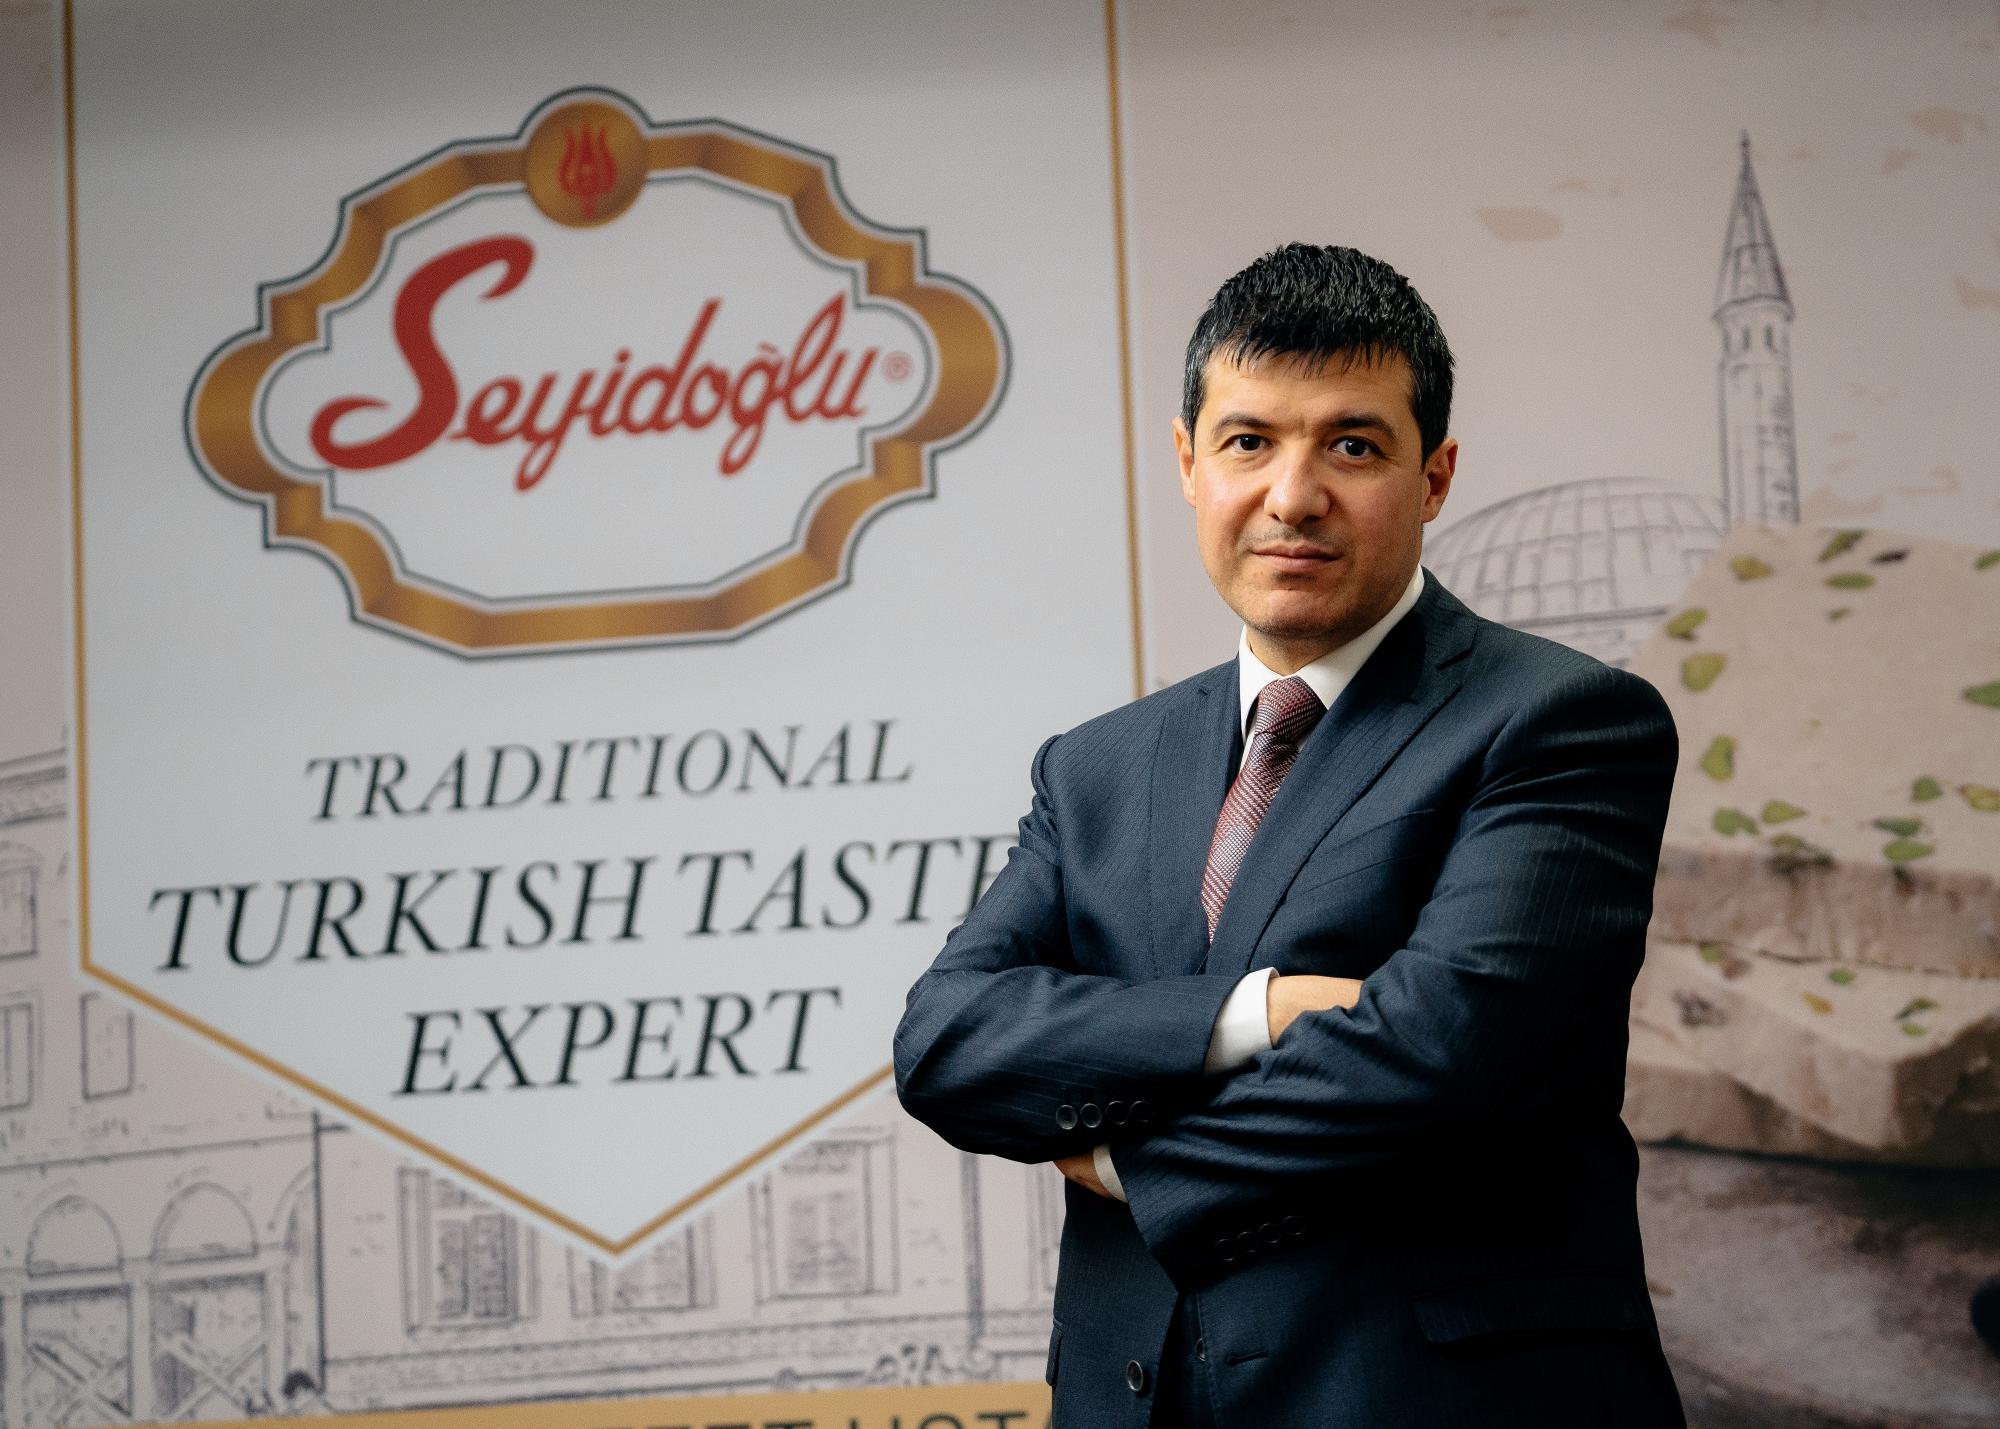 Seyidoğlu Gıda e-ticaret satışına başladı